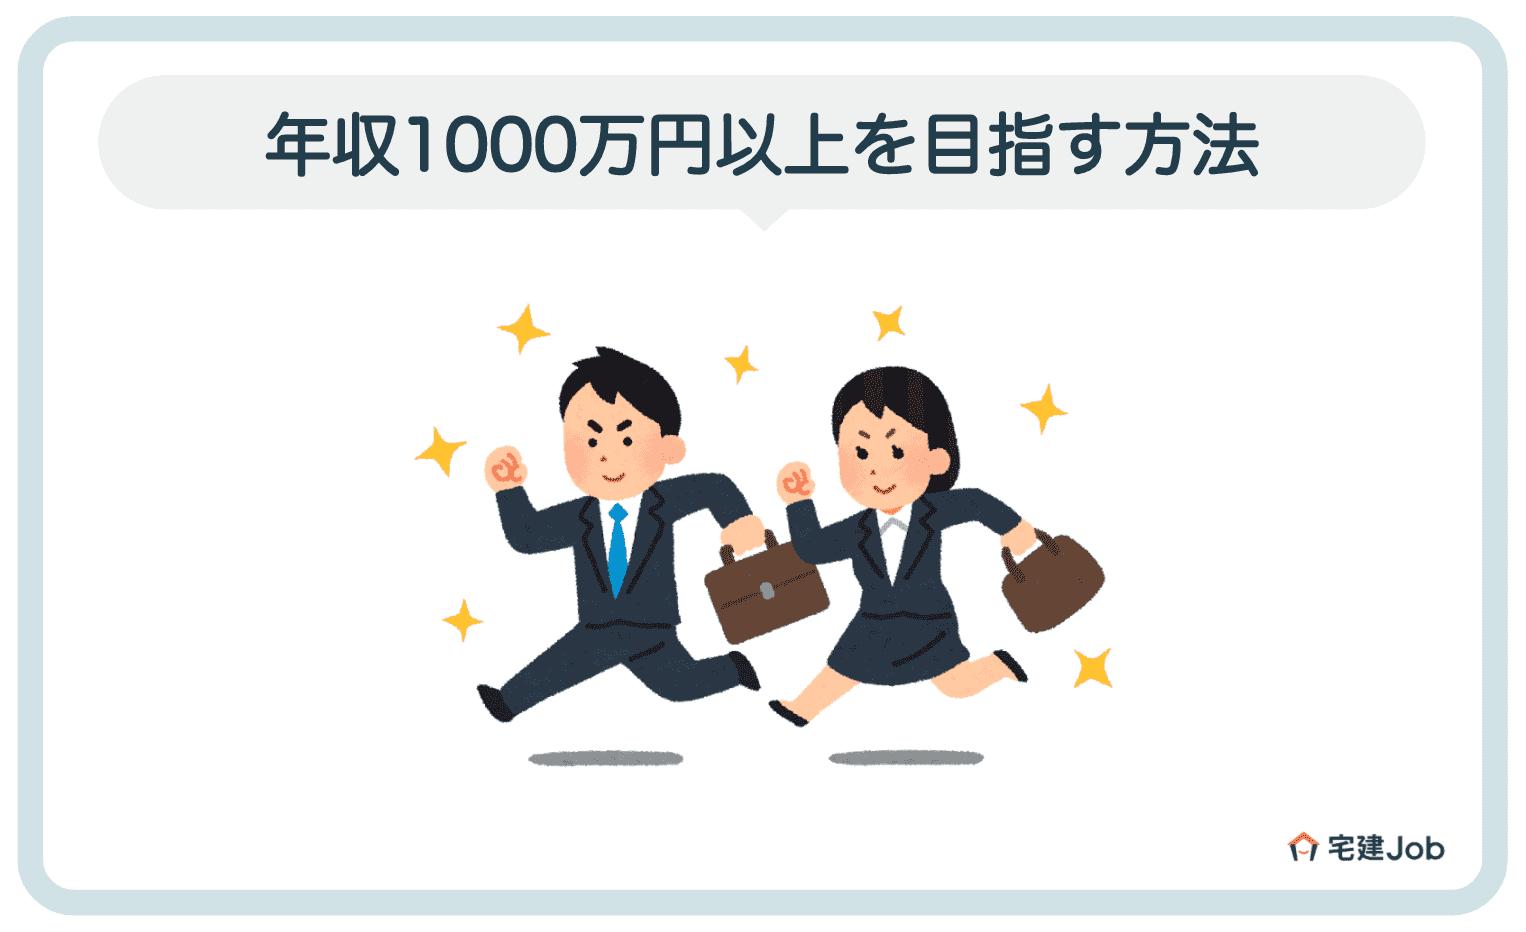 3.建築士として年収1000万円以上を目指す方法